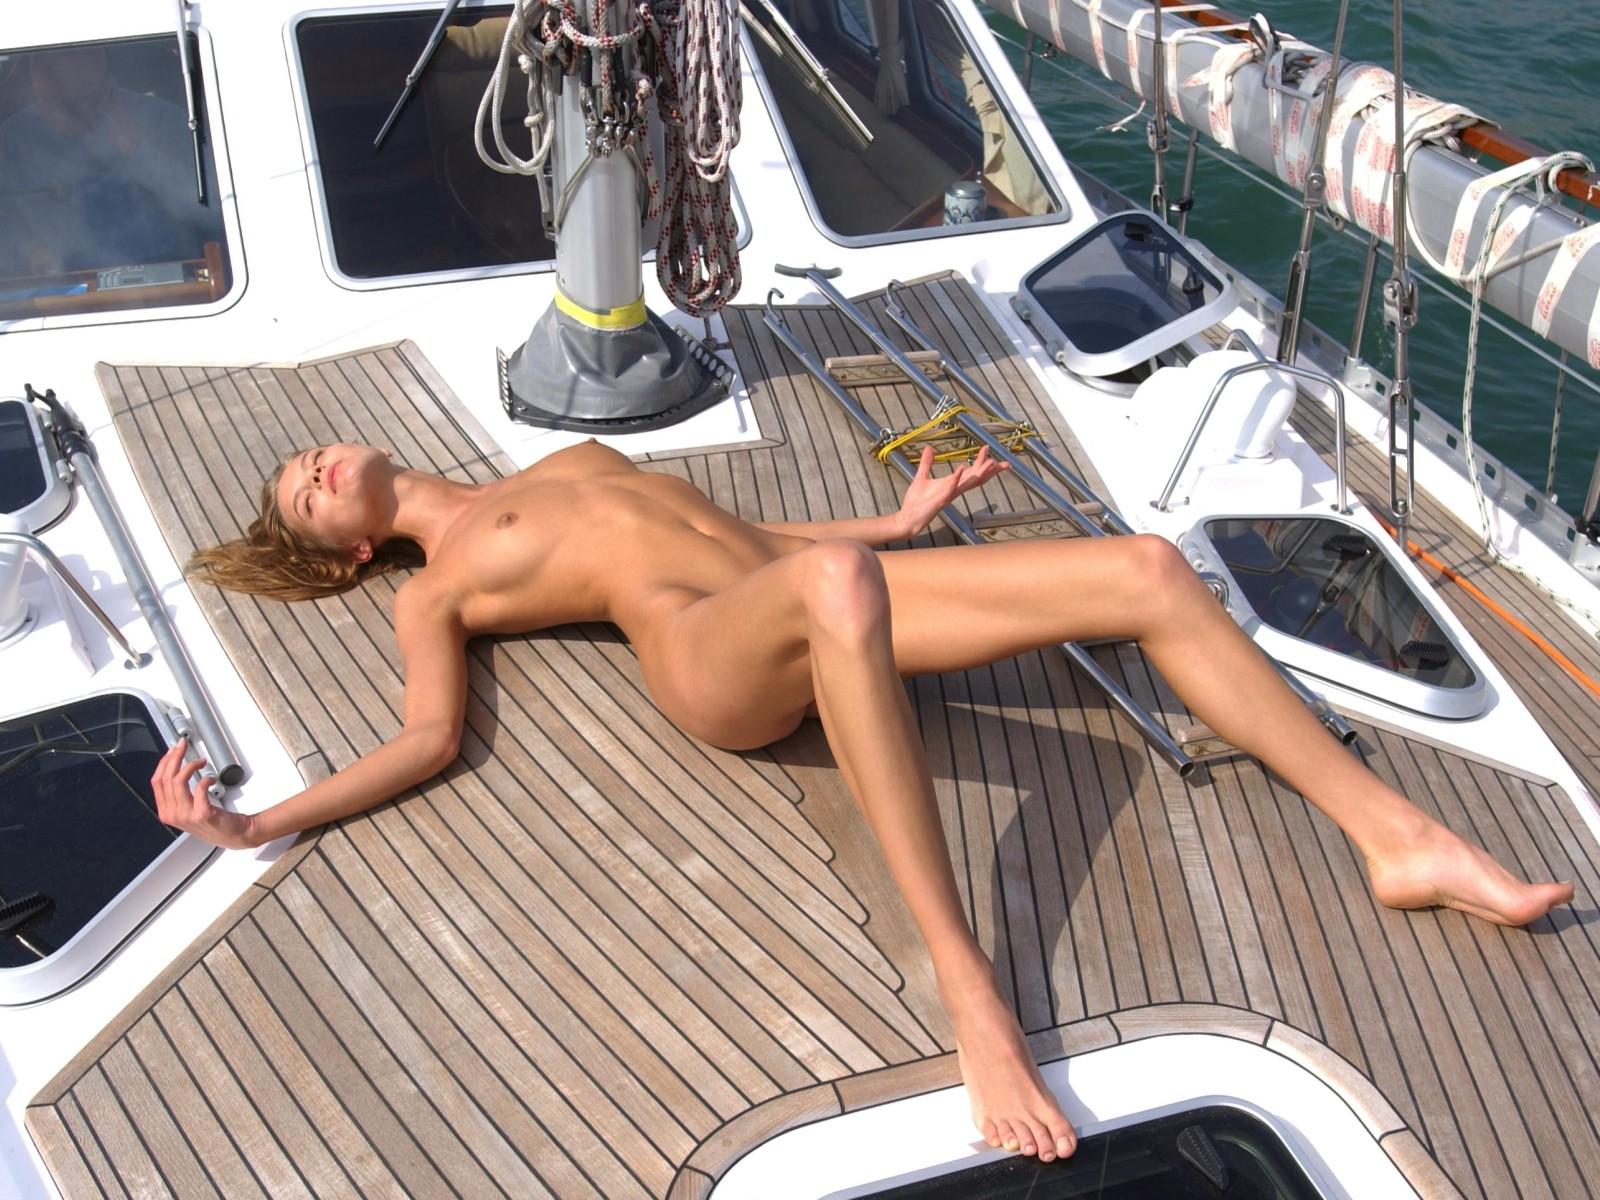 теряю сознание девушки в бикини обнажаются и трахаются на яхтах онлайн модели